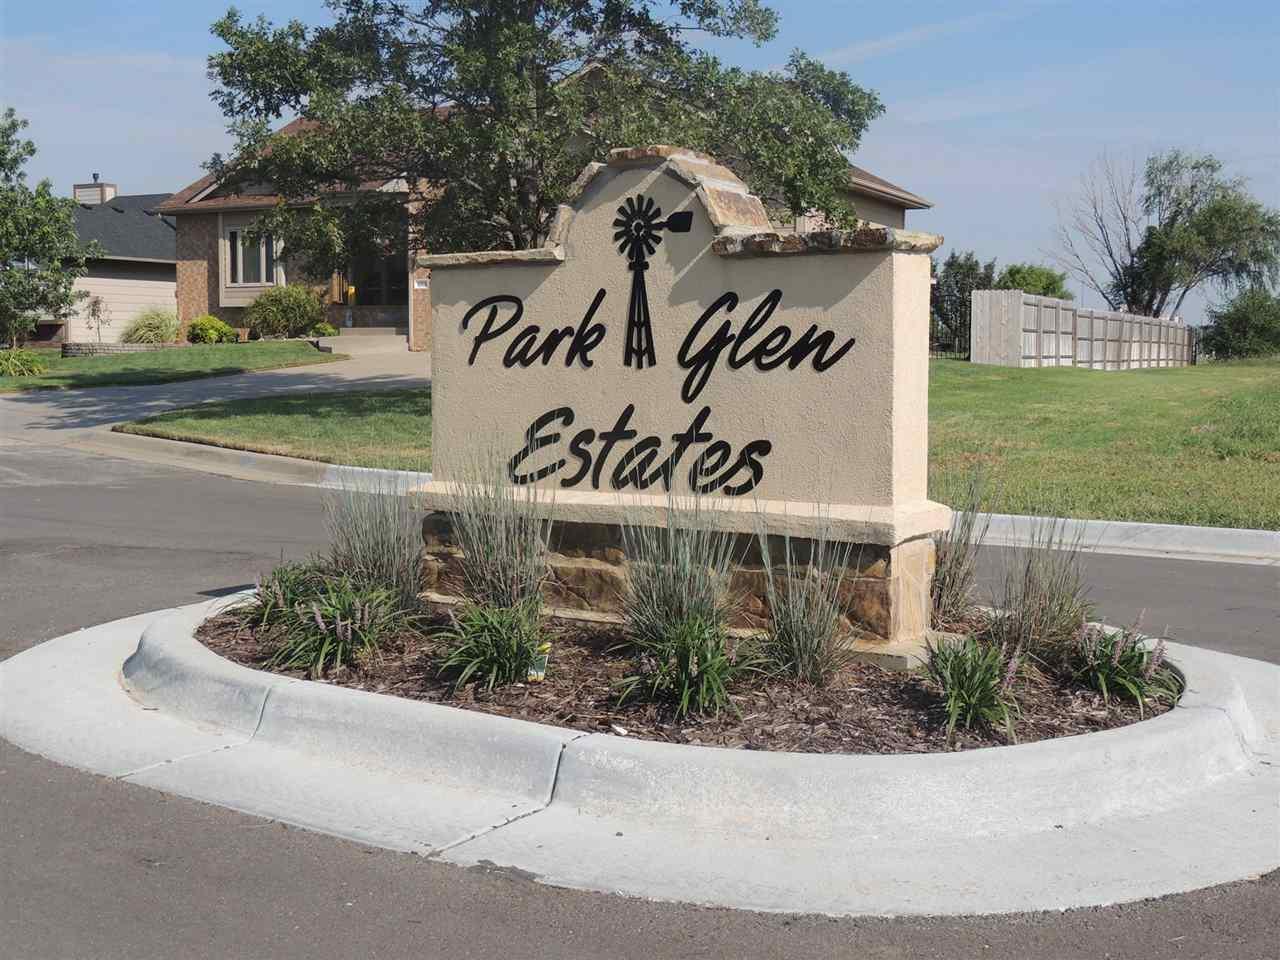 1101 E PARK GLEN ST, Clearwater, KS 67026